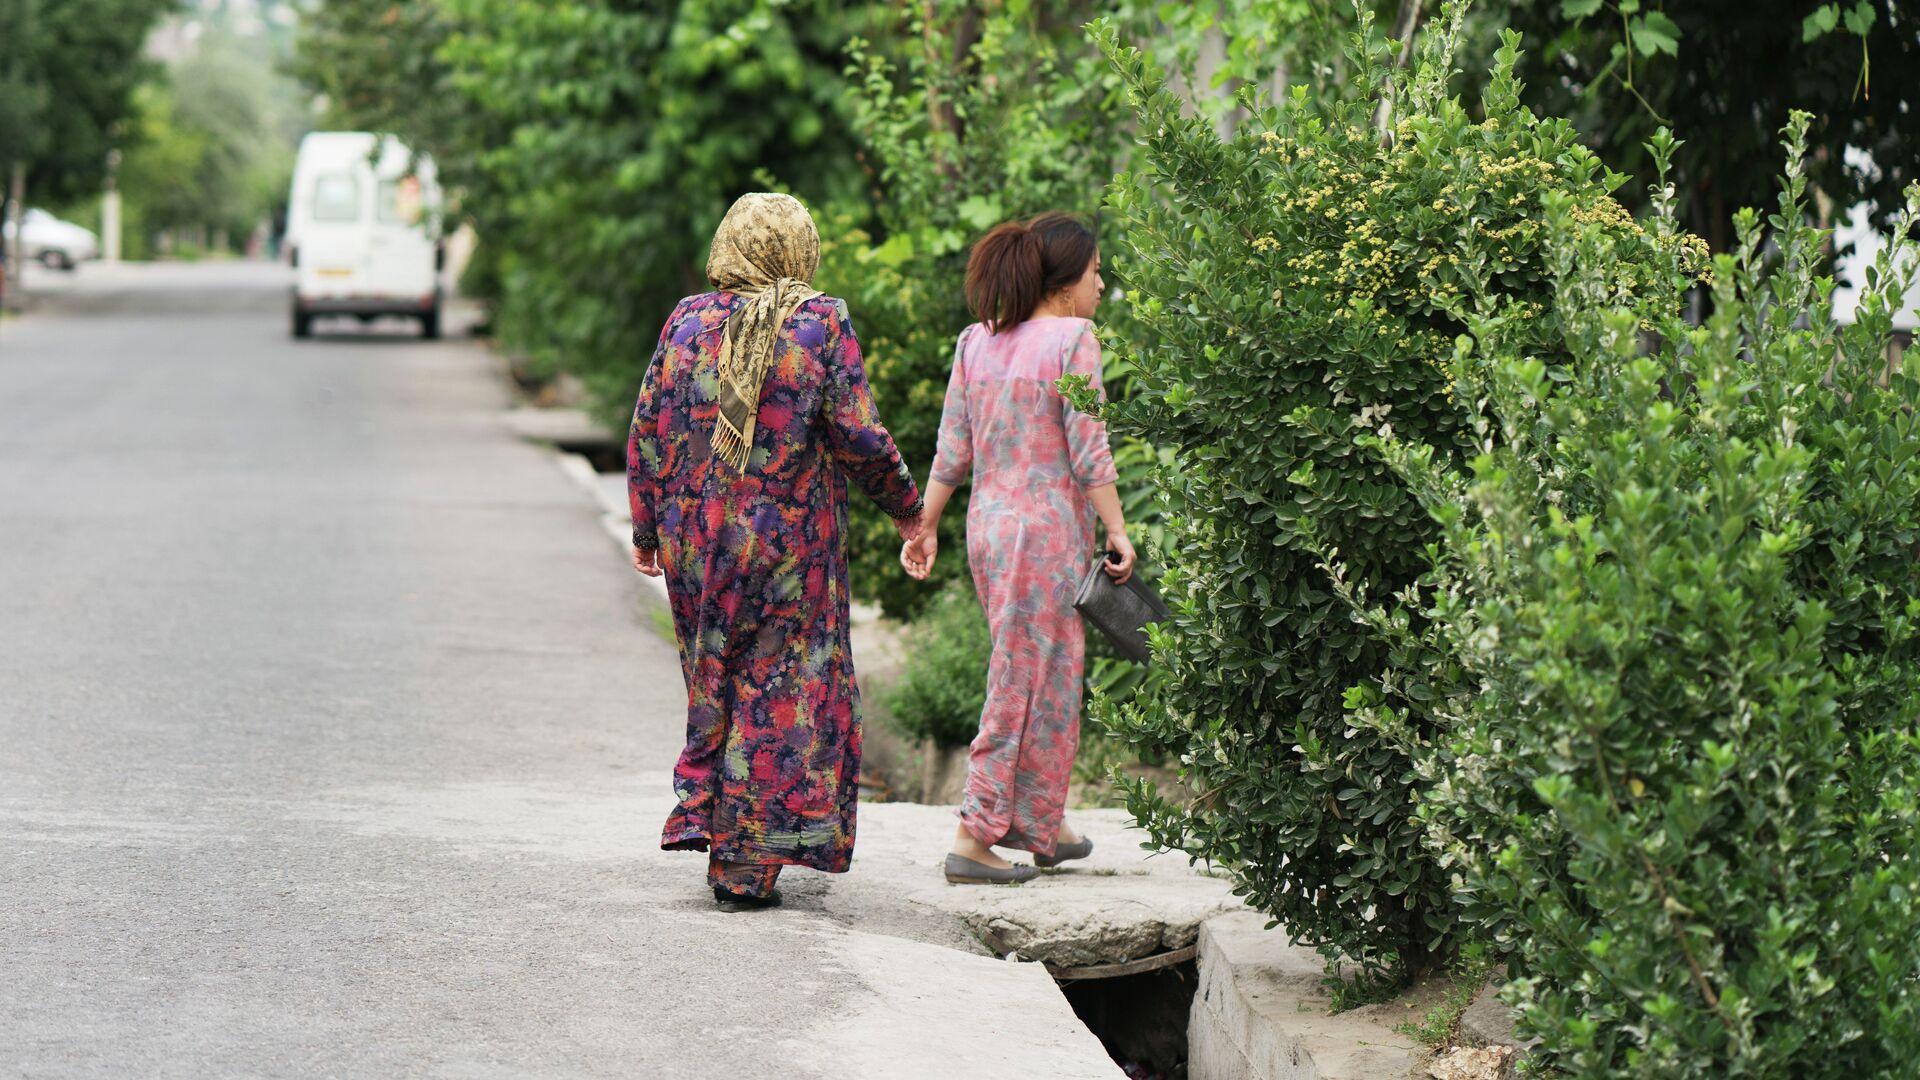 Две женщины на улице. архивное фото - Sputnik Тоҷикистон, 1920, 06.10.2021